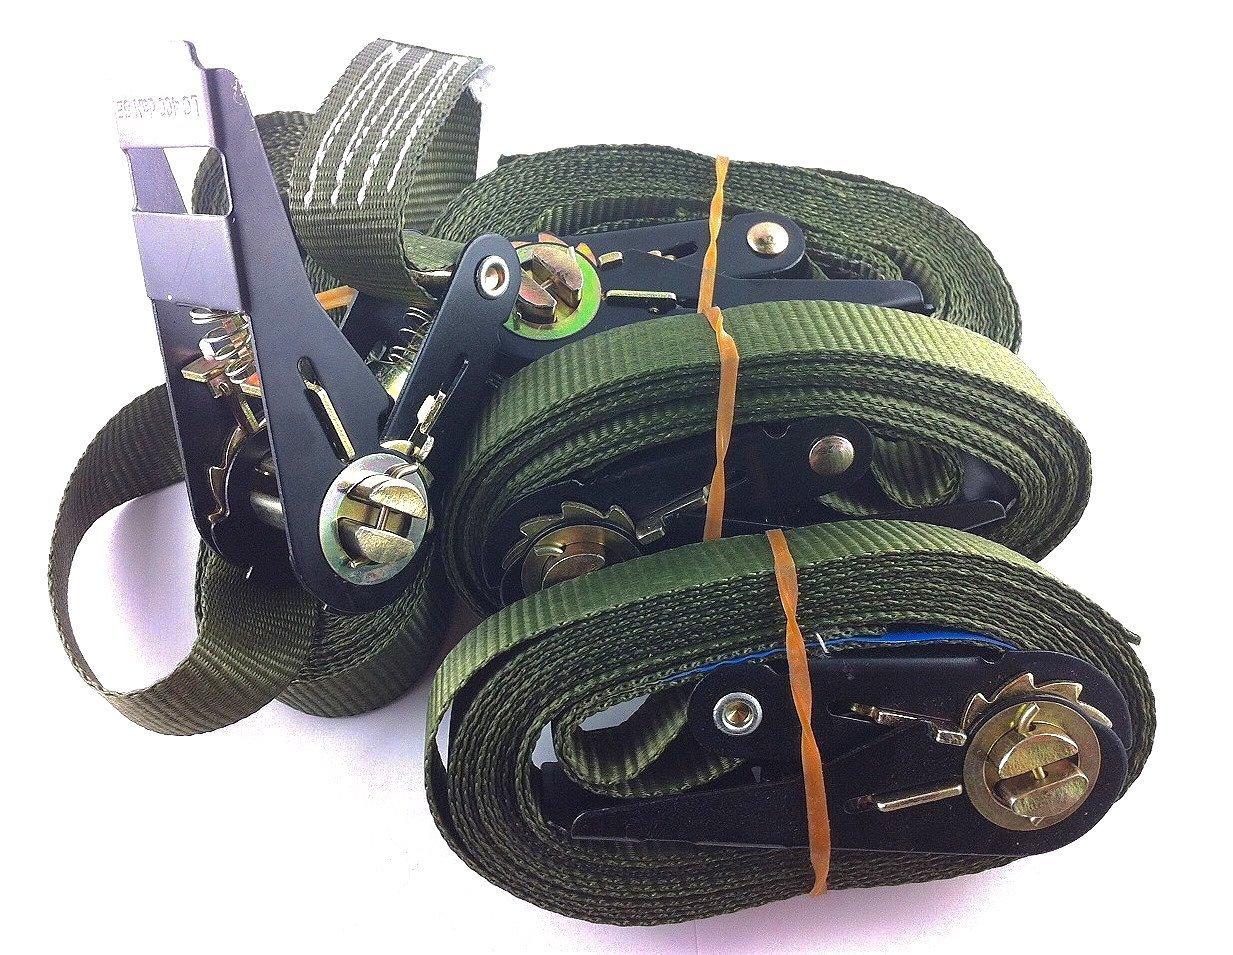 OVK - Set 4 pezzi di cinghie da rimorchio, con cricchetto, lunghezza 4-6 metri, opzionale 800 kg, EN 12195-2 56023